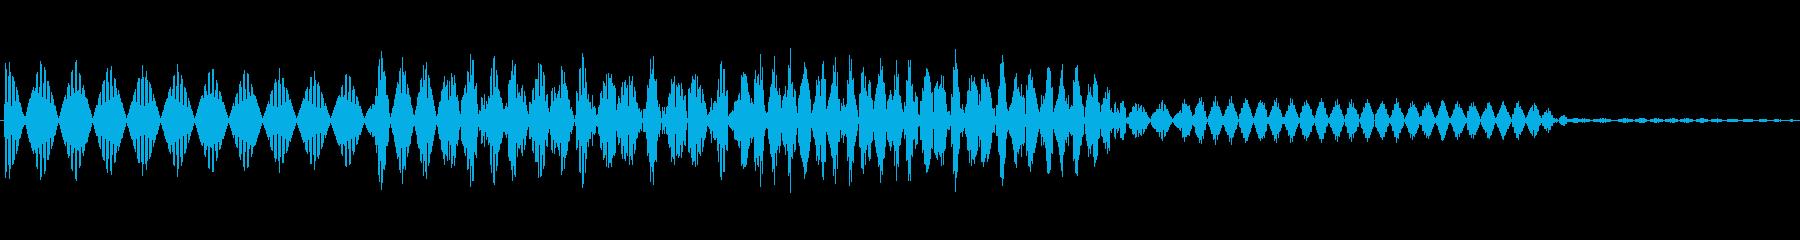 ボタン決定音システム選択タッチ登録C03の再生済みの波形